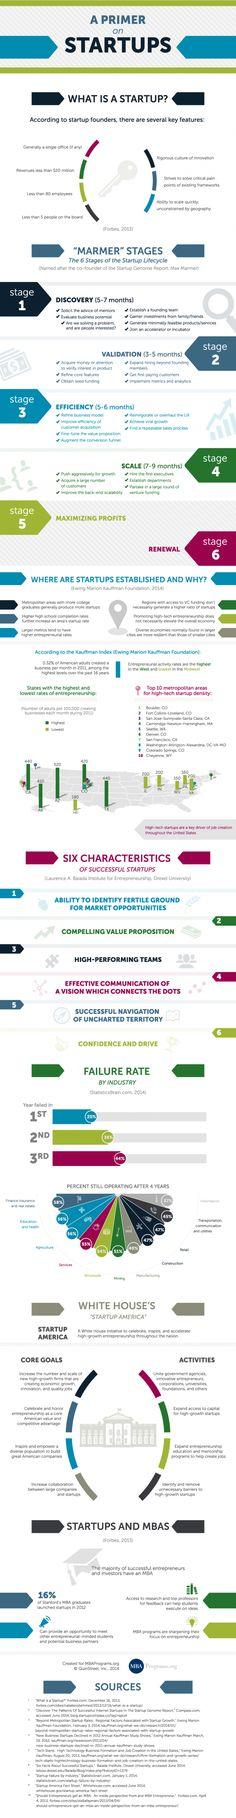 """START-UPS - """"A primer on start-ups [infographic]""""."""